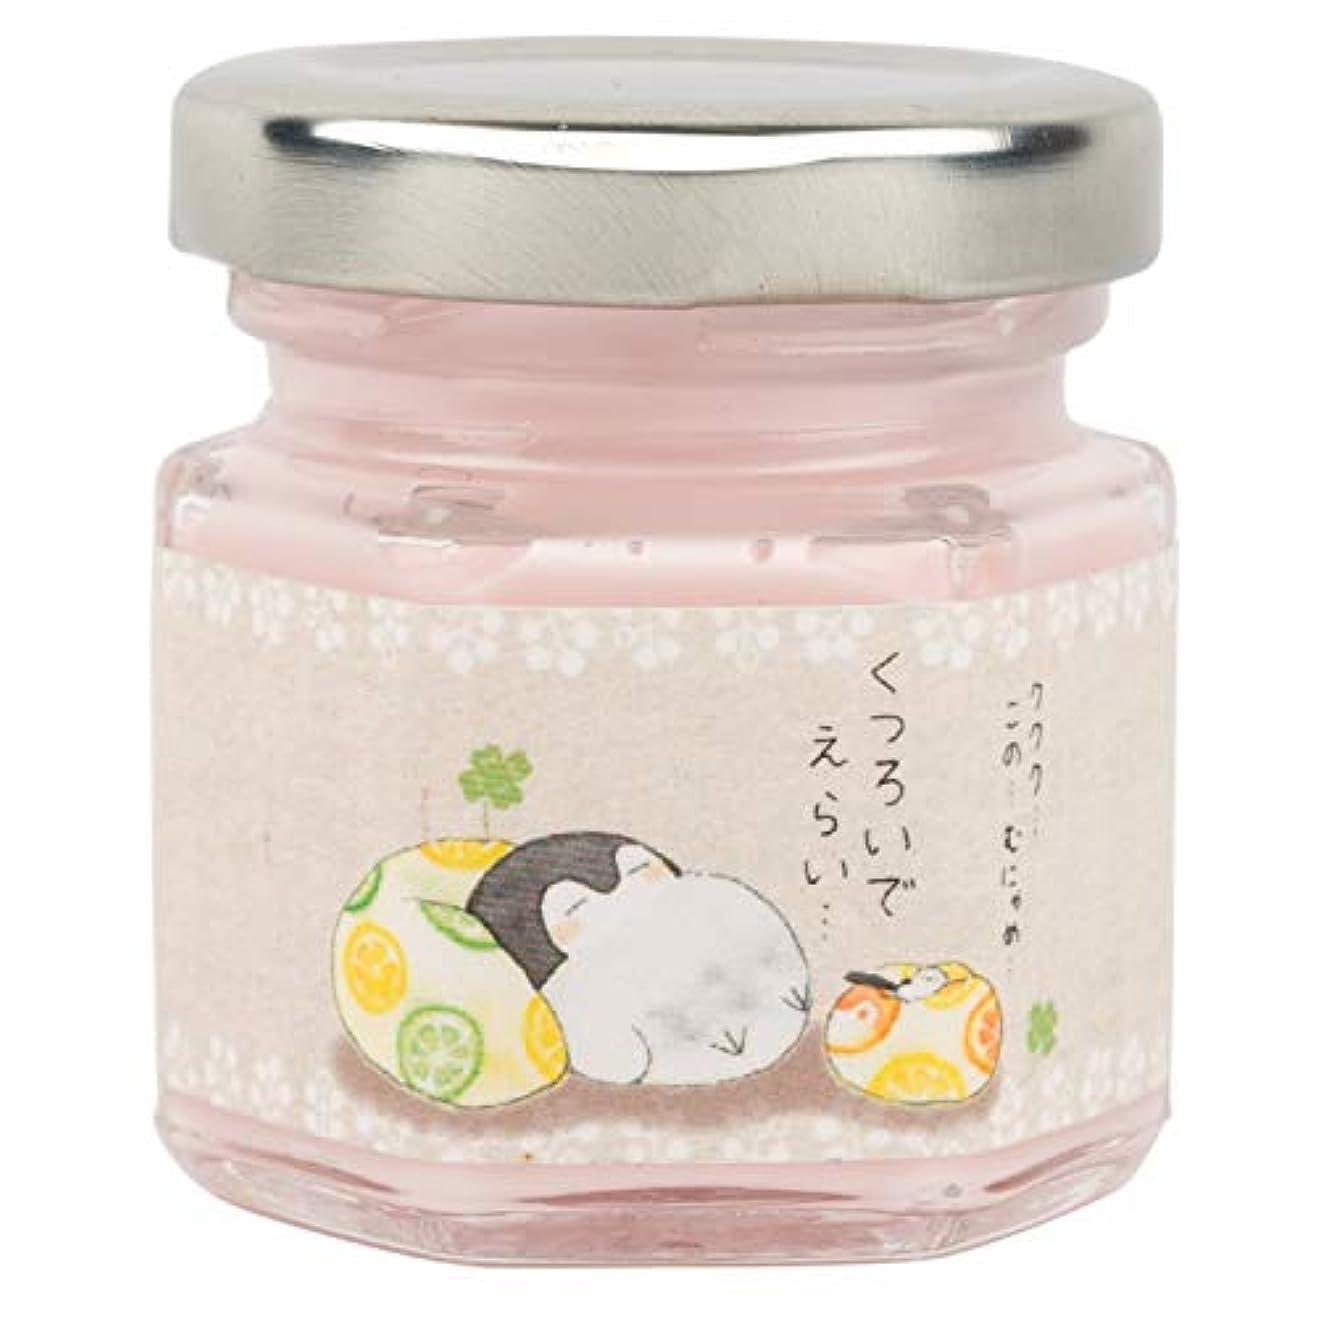 アナリスト上向き然としたコウペンちゃん ハンド&ネイルクリーム 保湿成分配合 カシス&ローズの香り 35g ABD-046-001